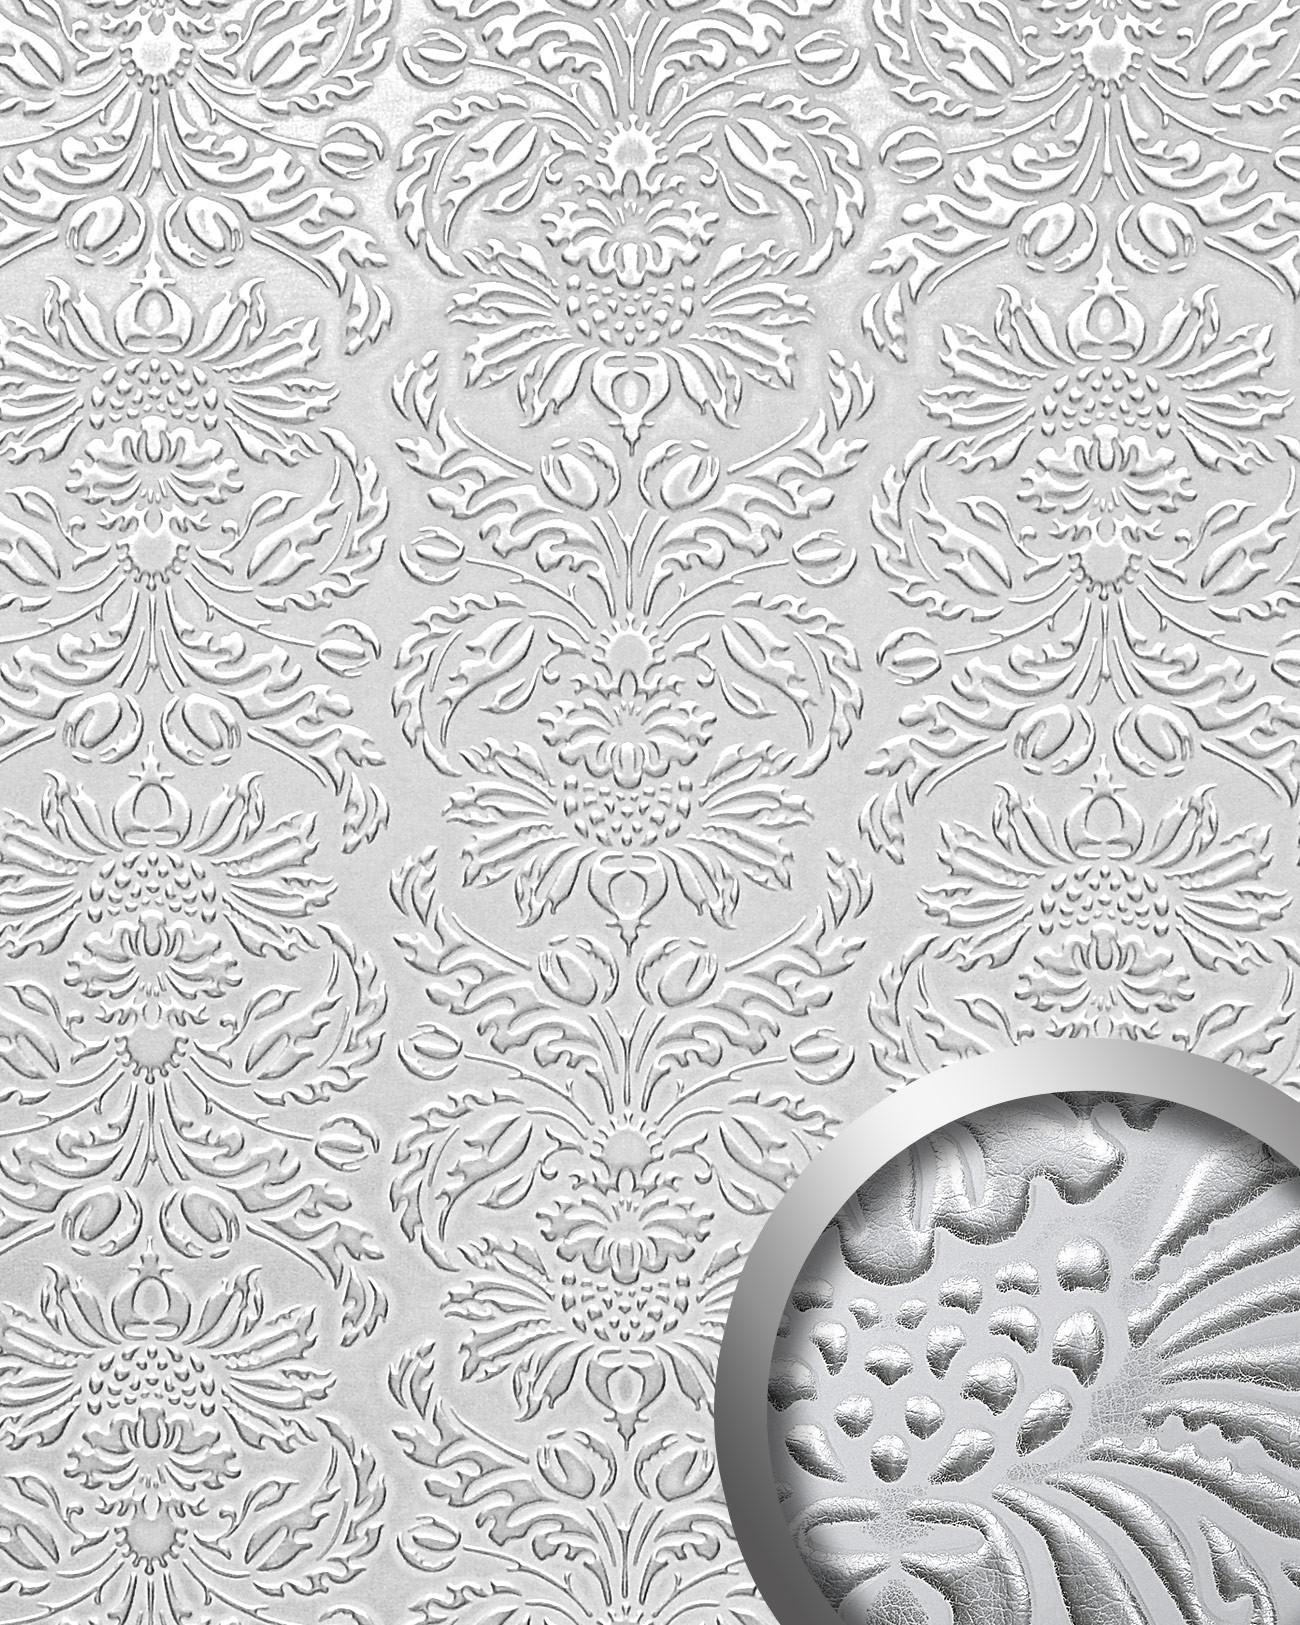 wandpaneel luxus 3d wallface 14794 imperial dekor barock damask ornament leder selbstklebend. Black Bedroom Furniture Sets. Home Design Ideas